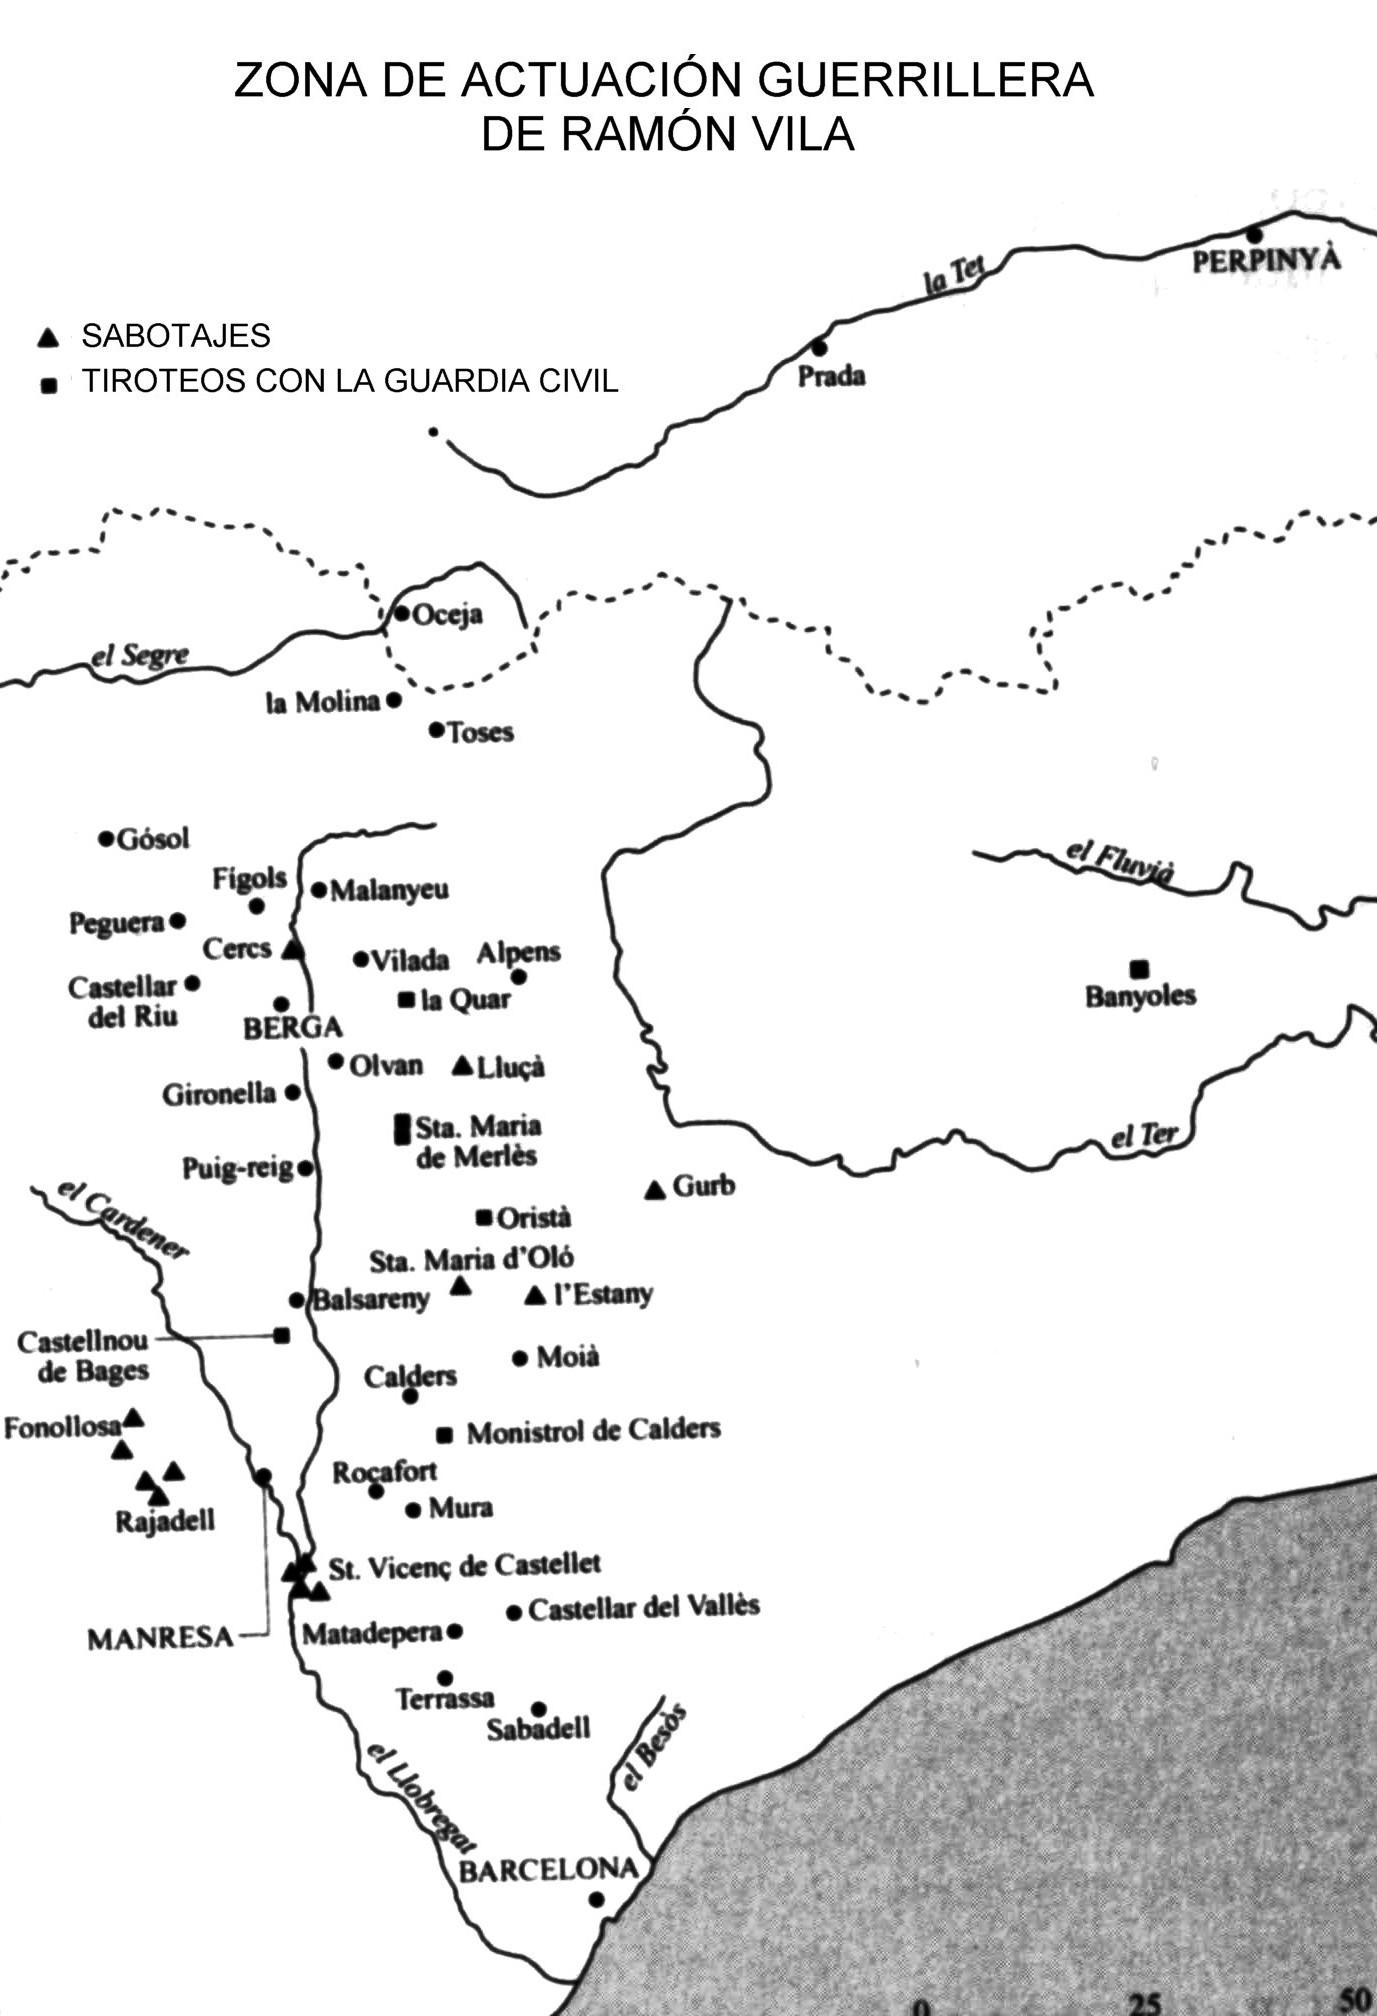 Mapa extraído del libro sobre Ramón Vila escrito por Josep Clara.